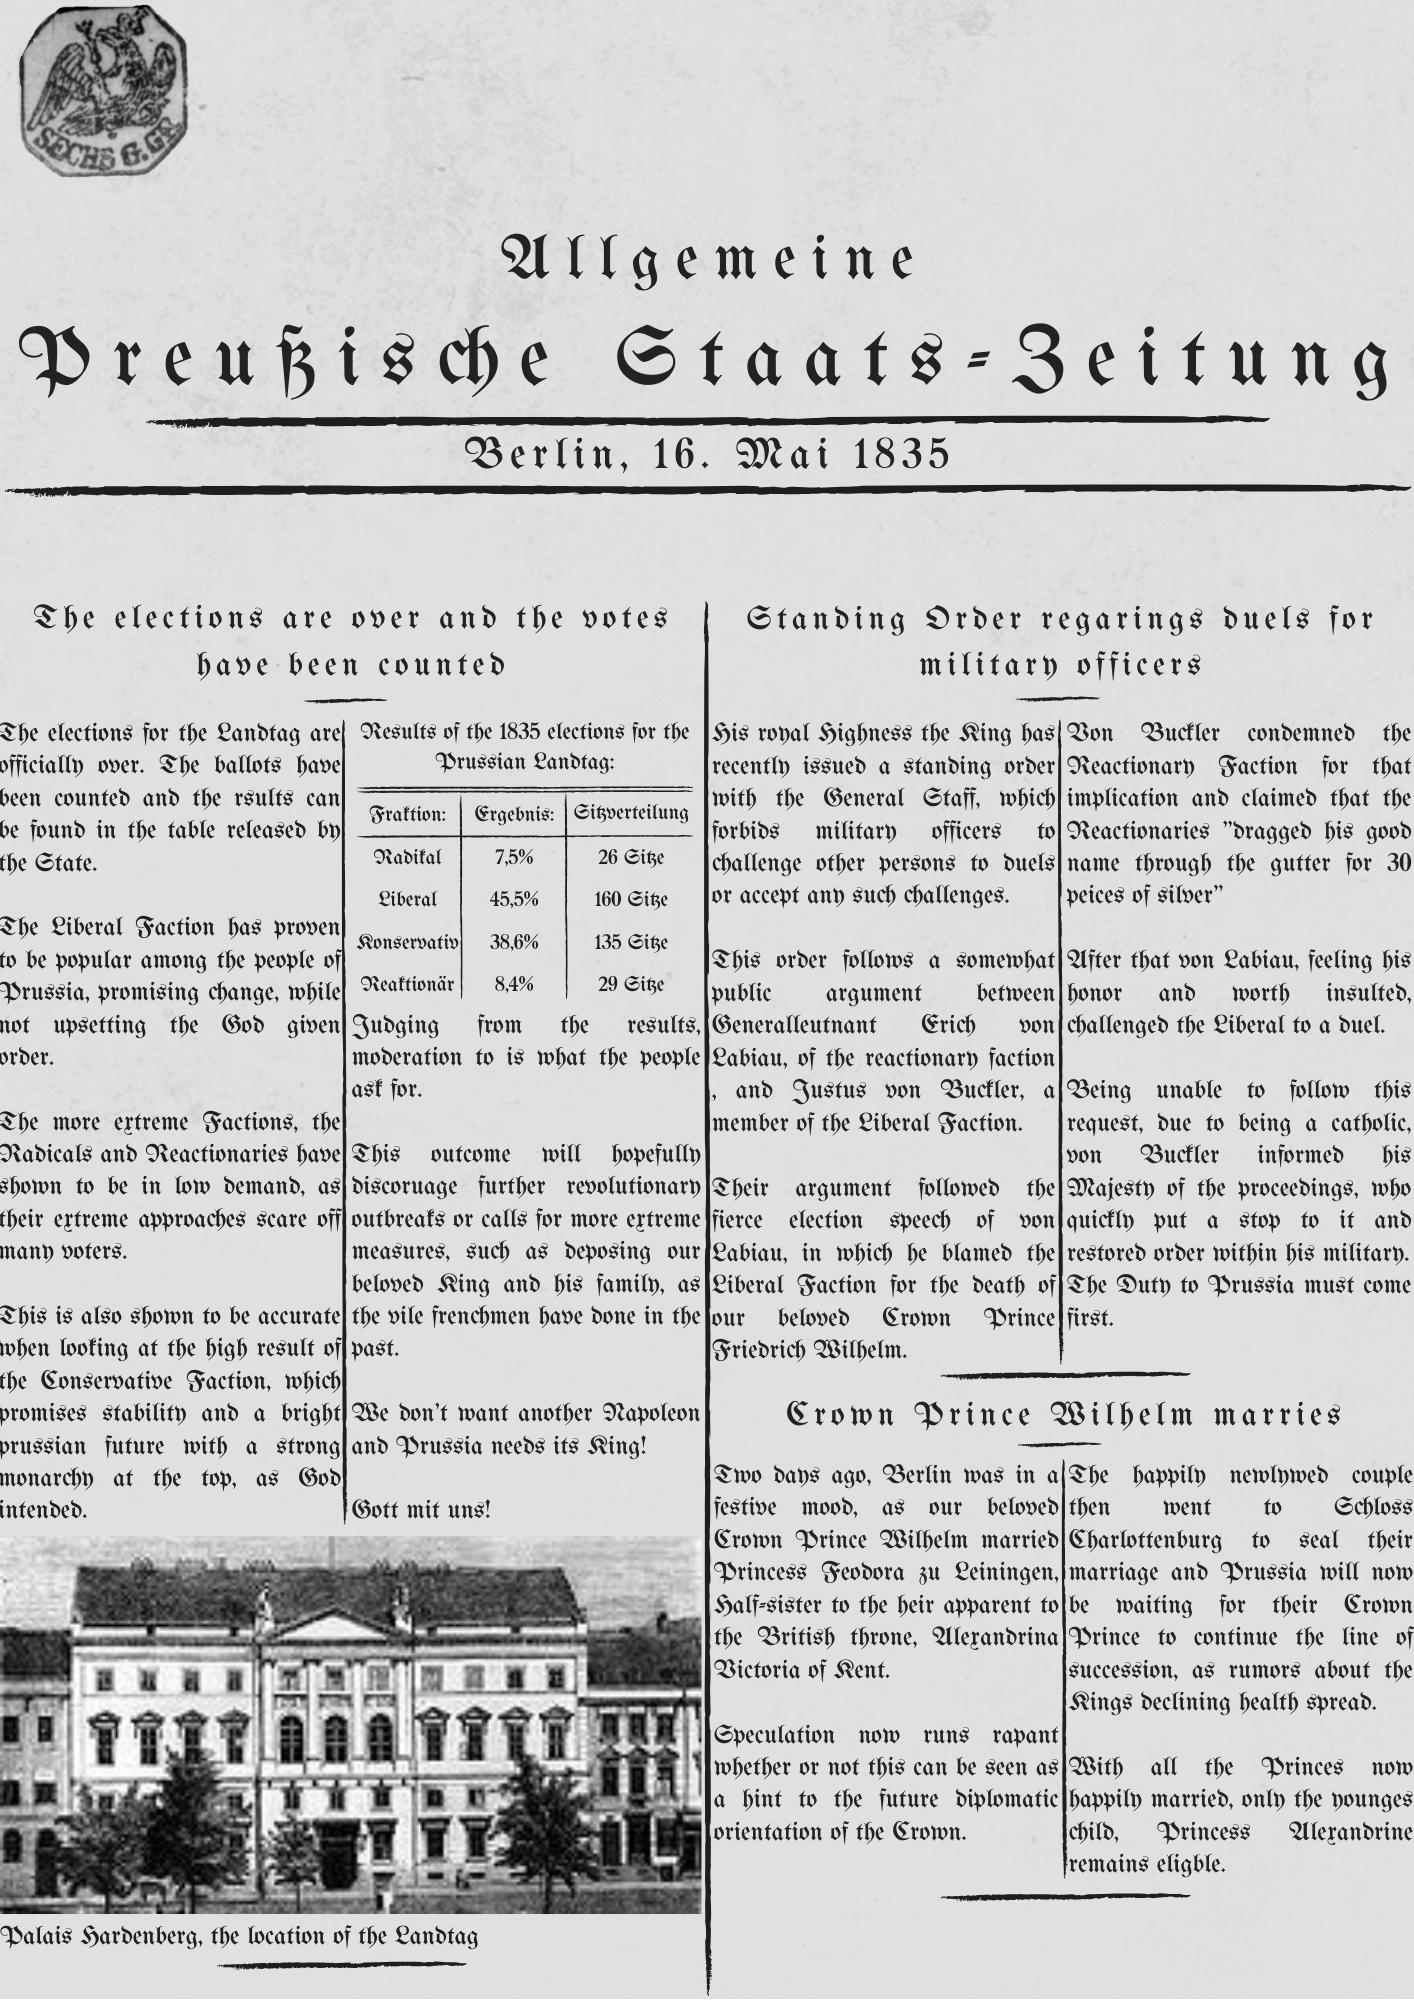 Allgemeine_Preuische_Staats-Zeitung_3.png